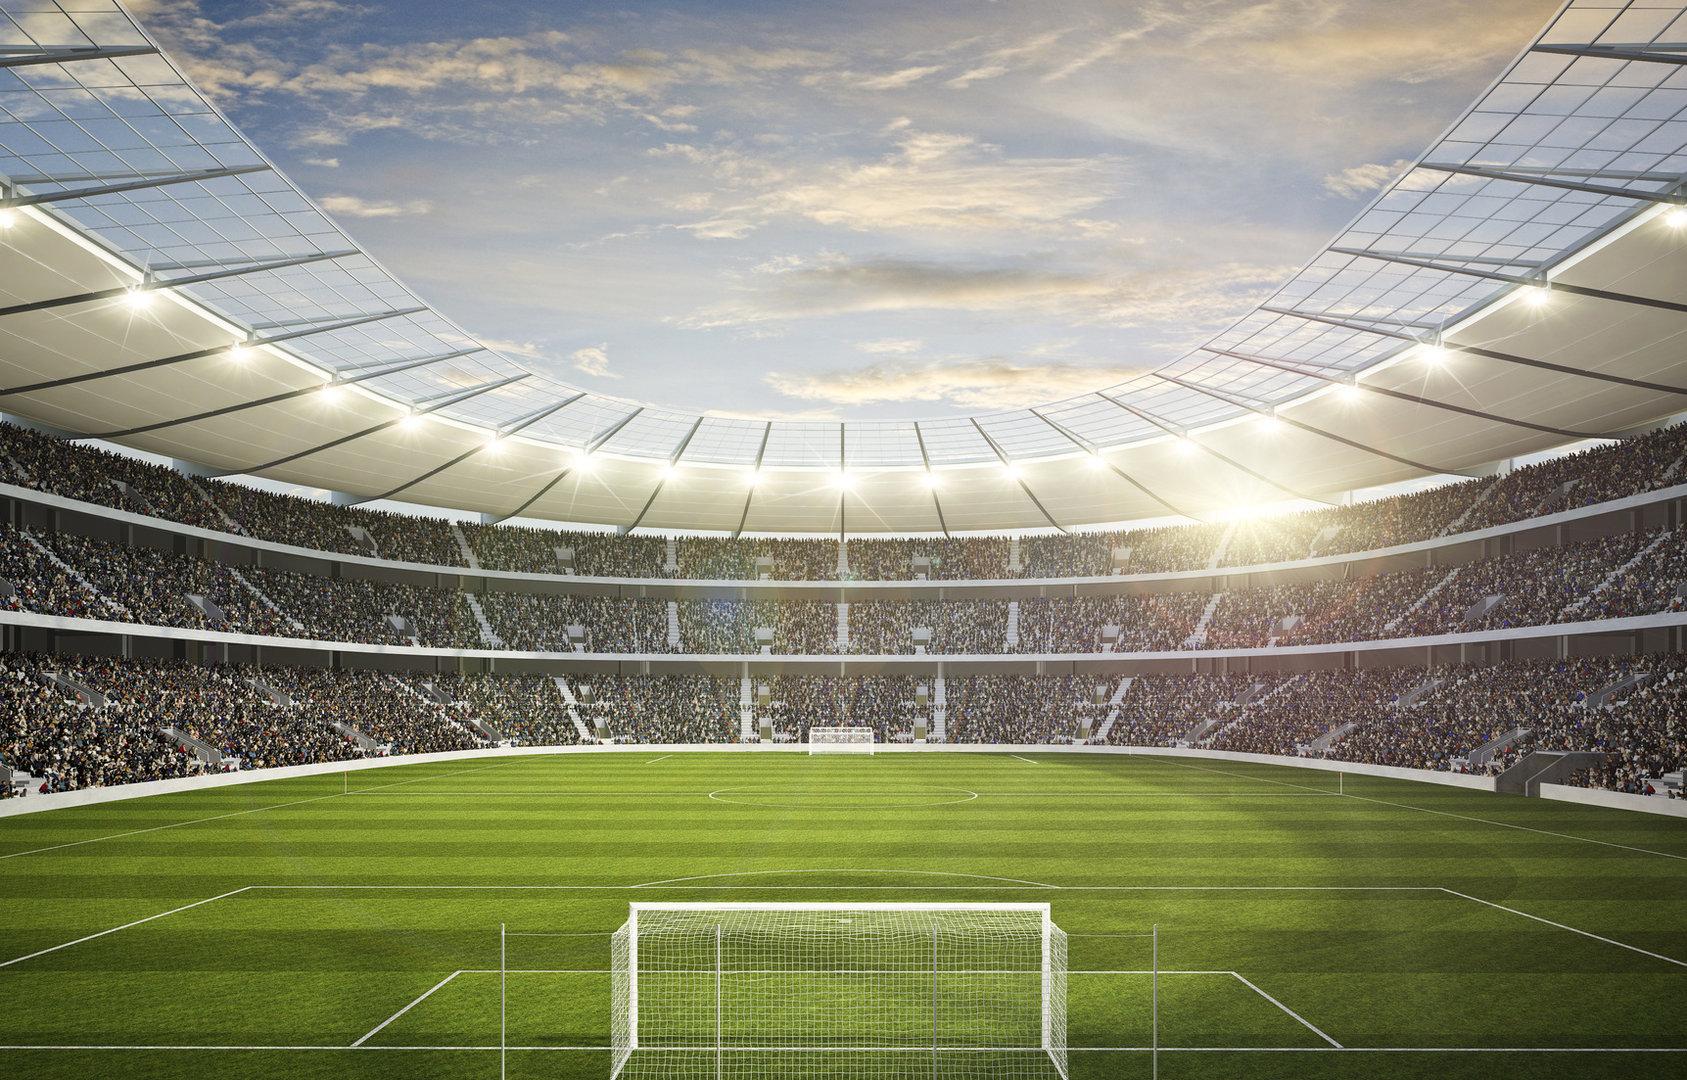 Fc Bayern Munchen Benfica Lissabon Ticket Kat 1 Oder 2 Uf Im 4 Hotel Champions League